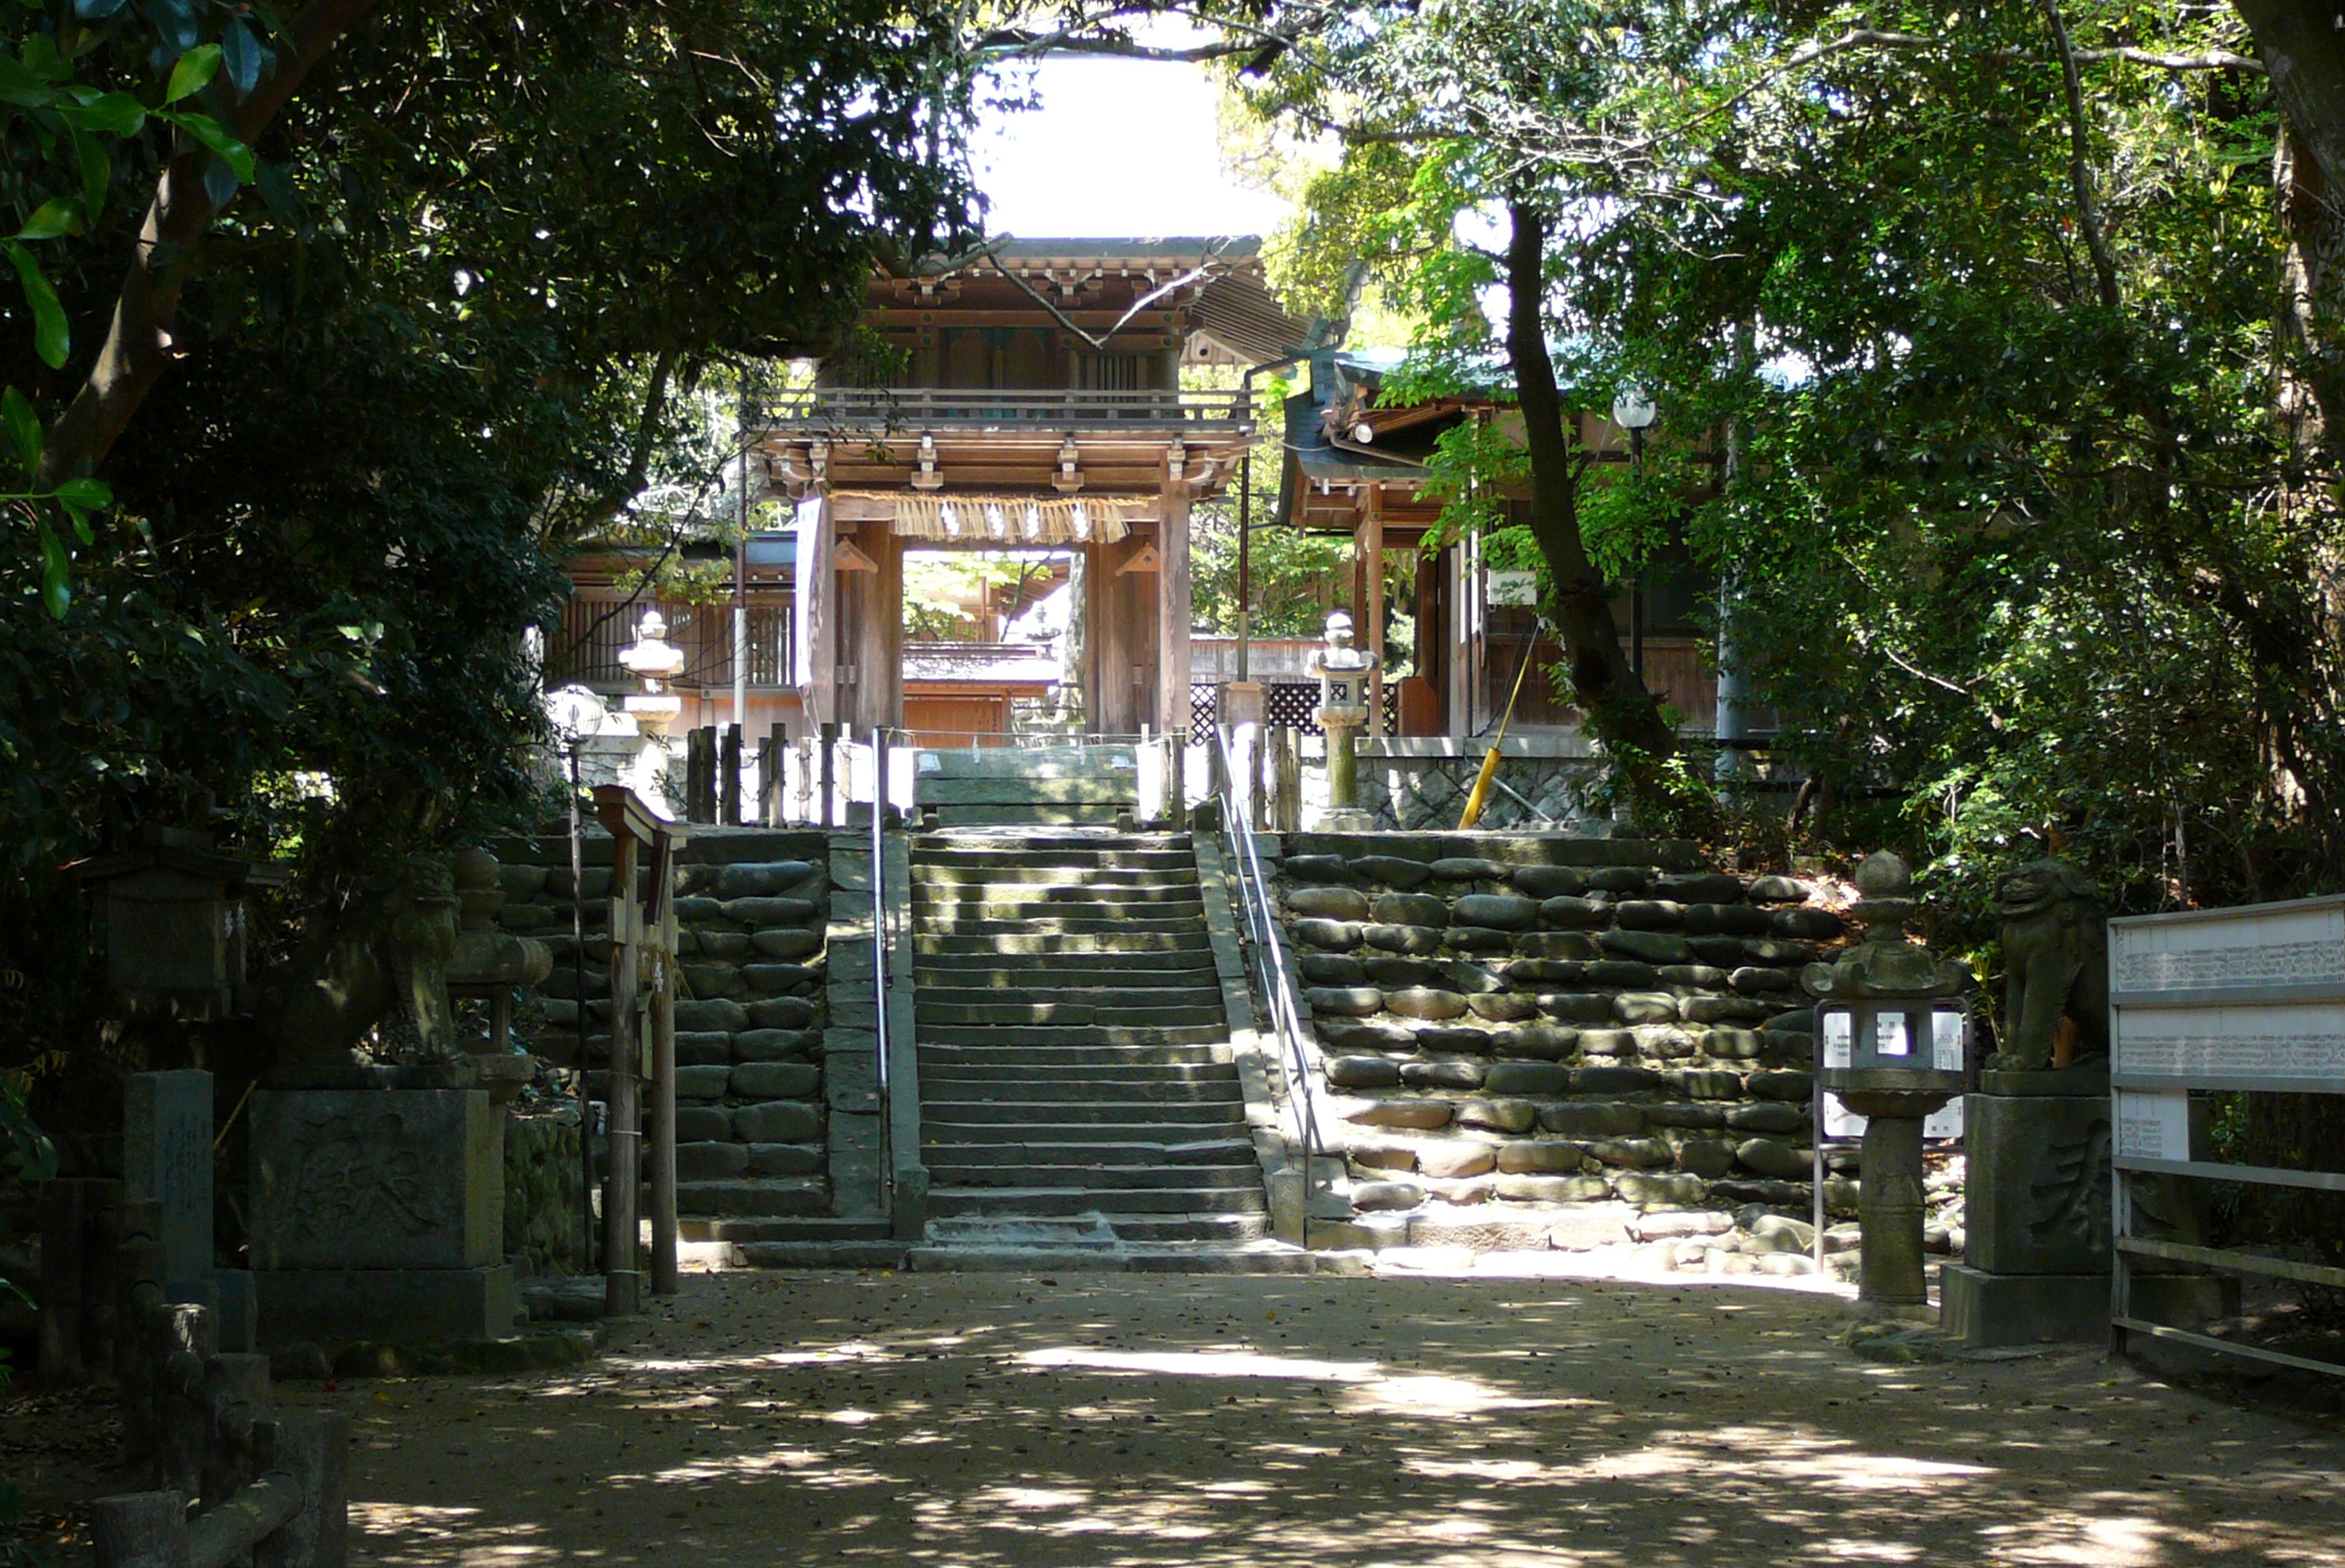 志賀海神社(2008)の画像